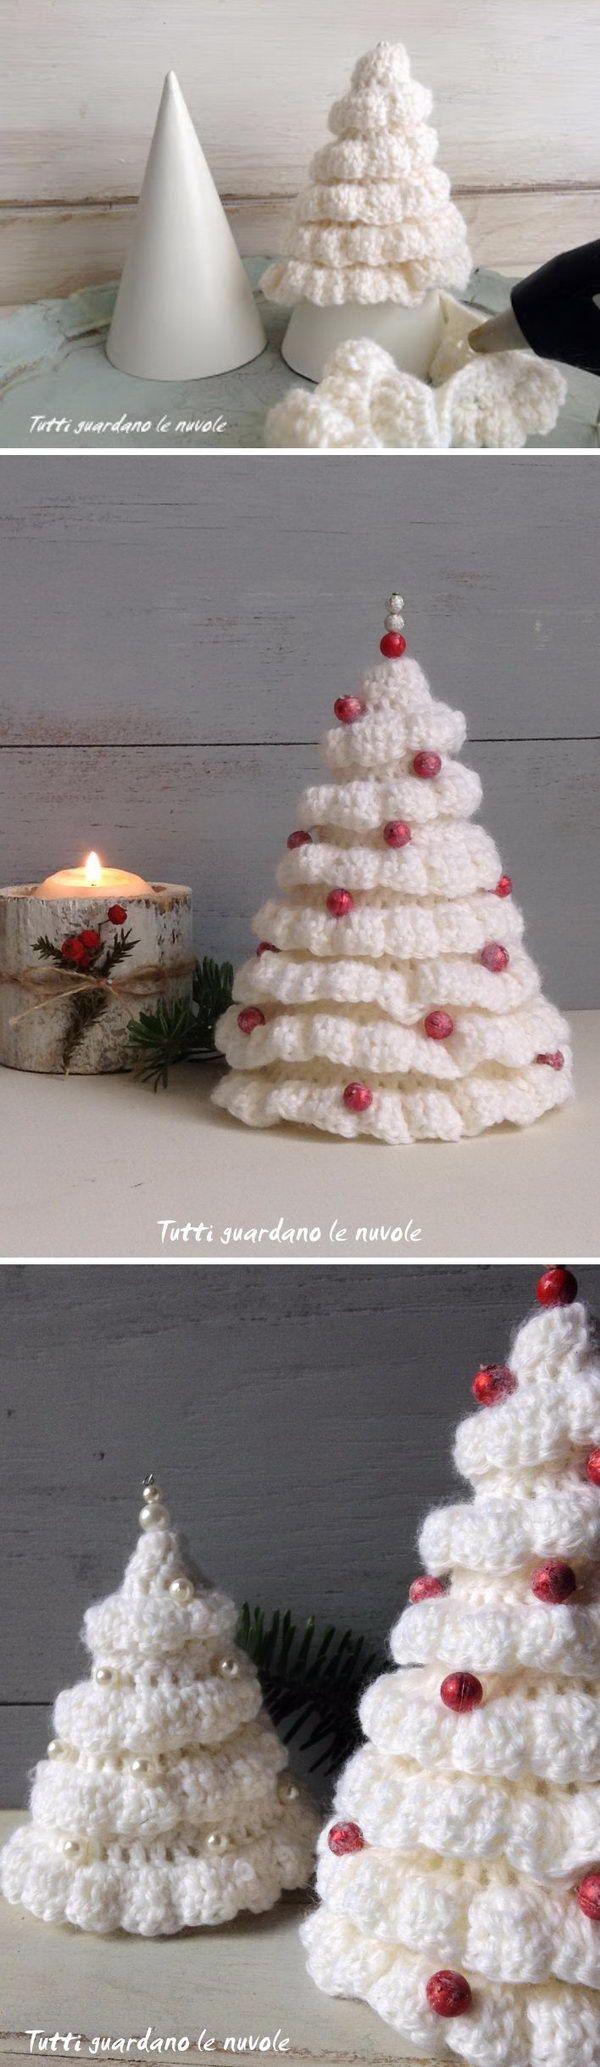 best crochet images on pinterest crocheted blankets knitting